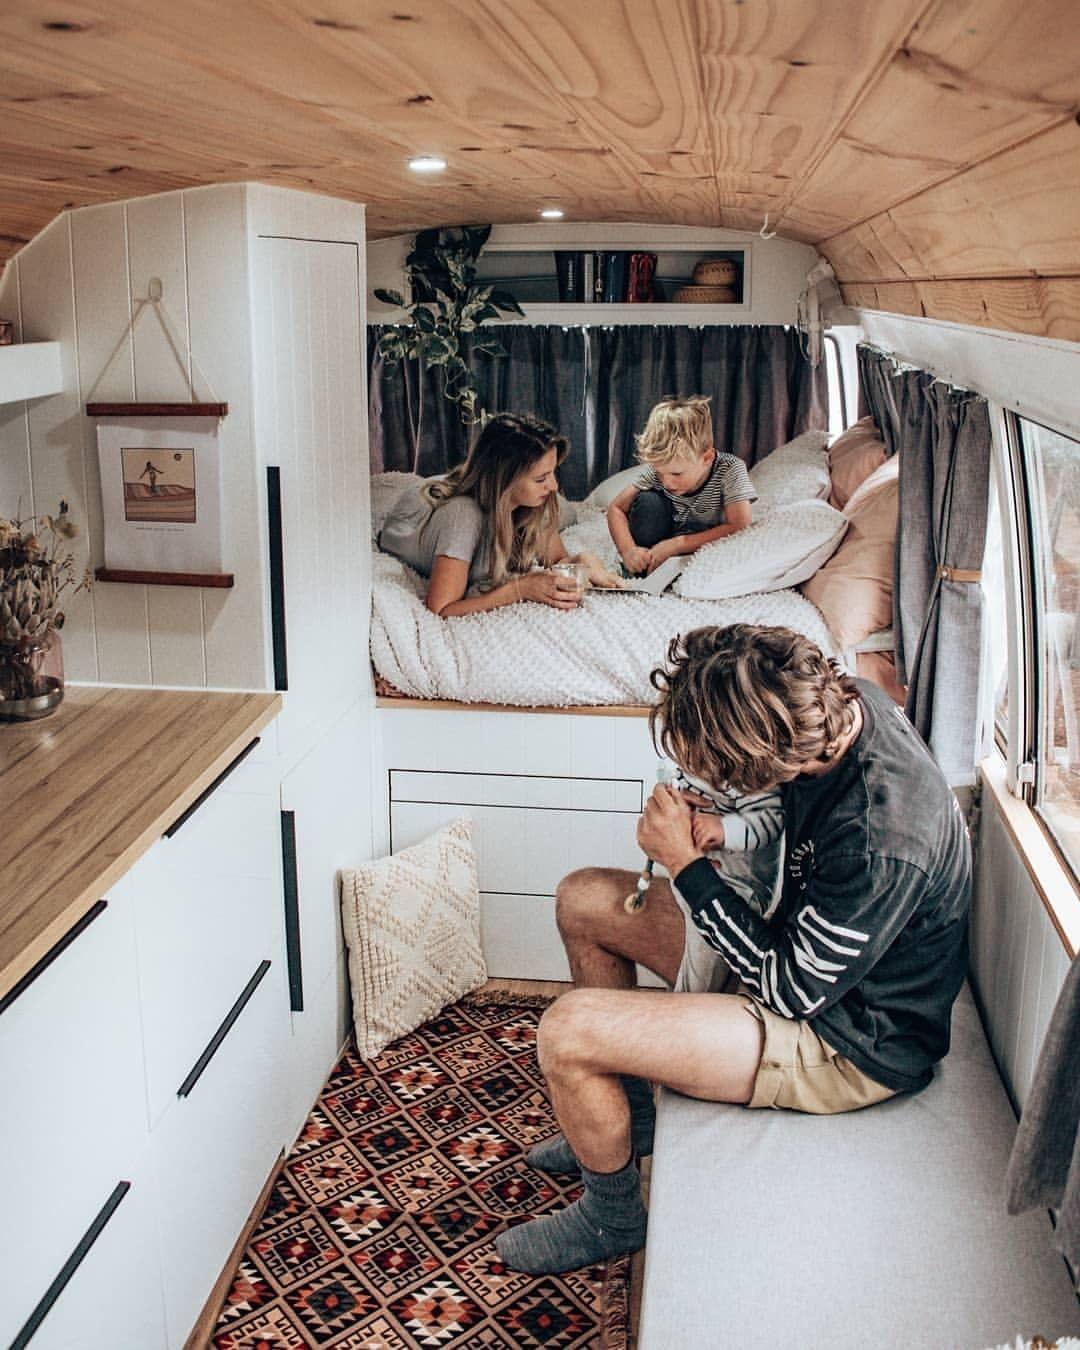 Vanlife Travel On Instagram Do You Like The Style Of This Van Picture By Vanlifeexplorers Check Van Life Diy Van Life Van Living